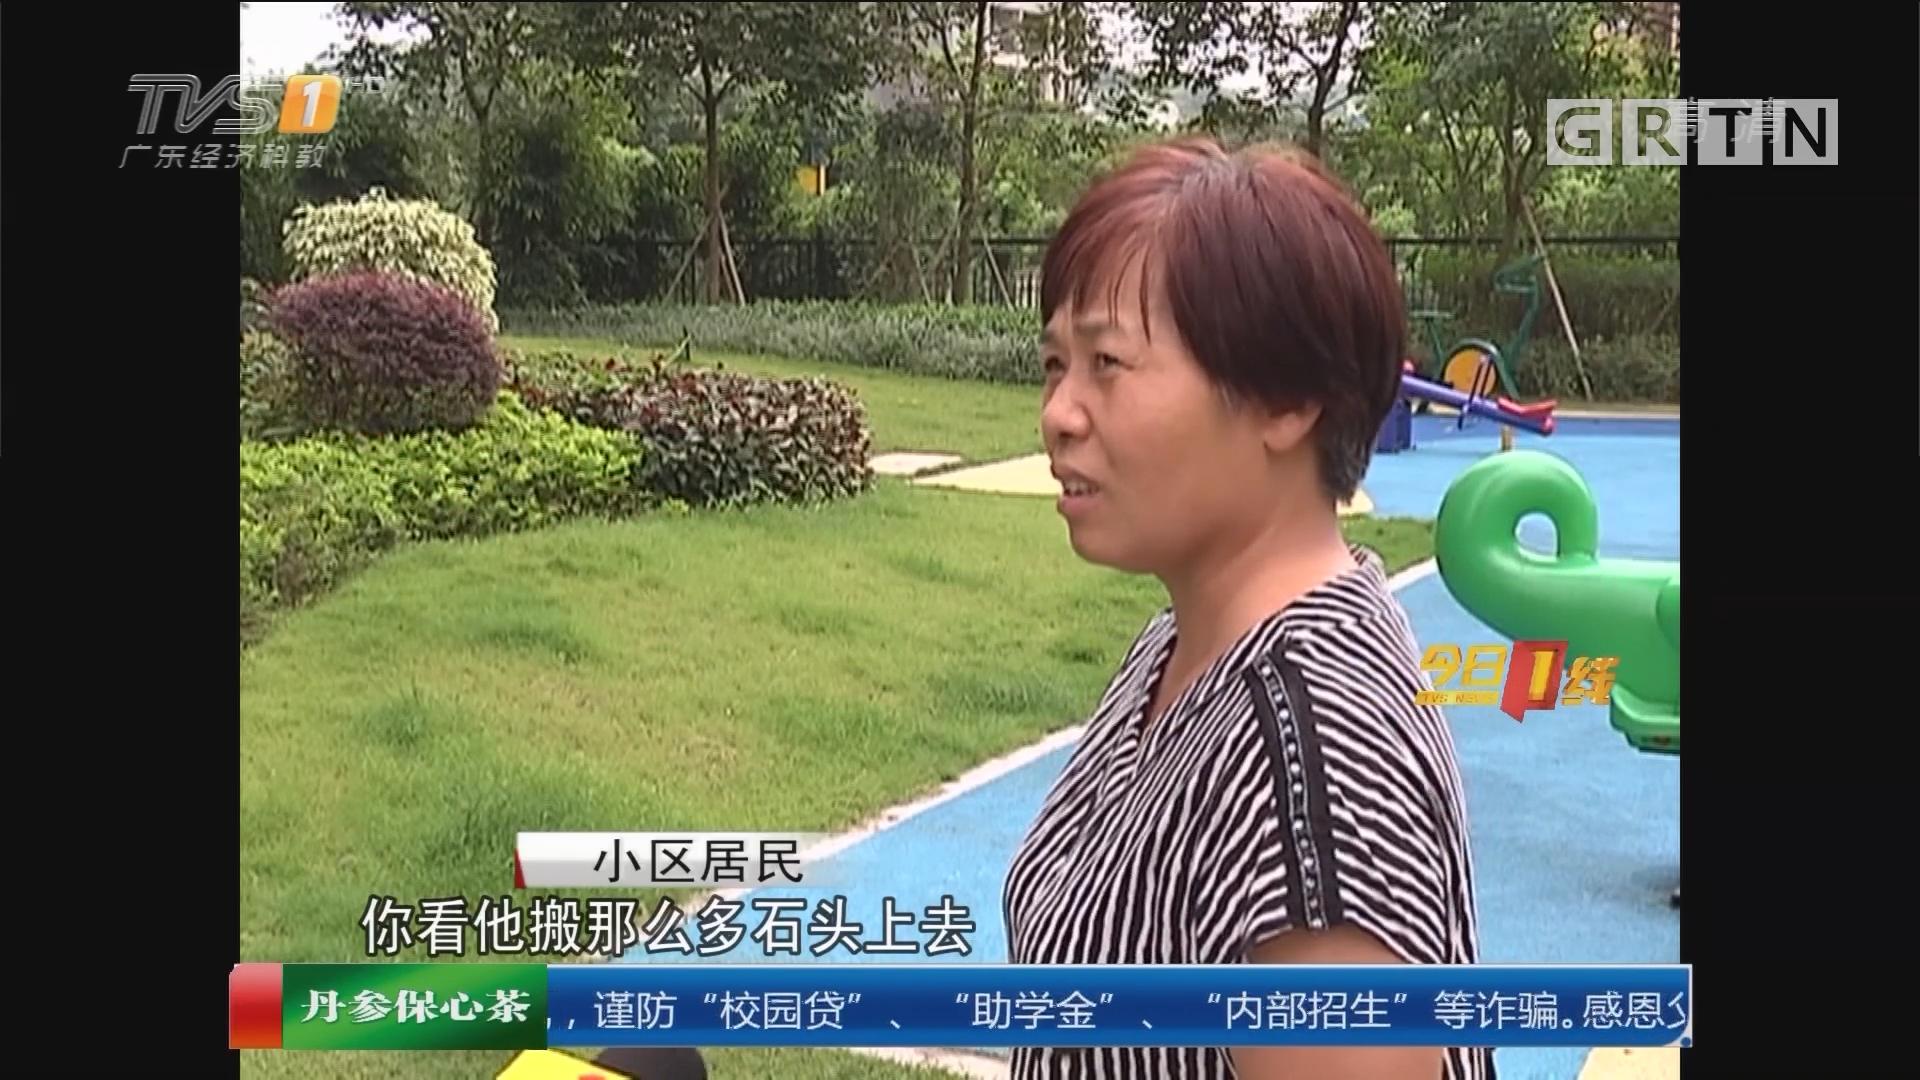 广州:小区花园塌陷现大坑 居民忧心安全